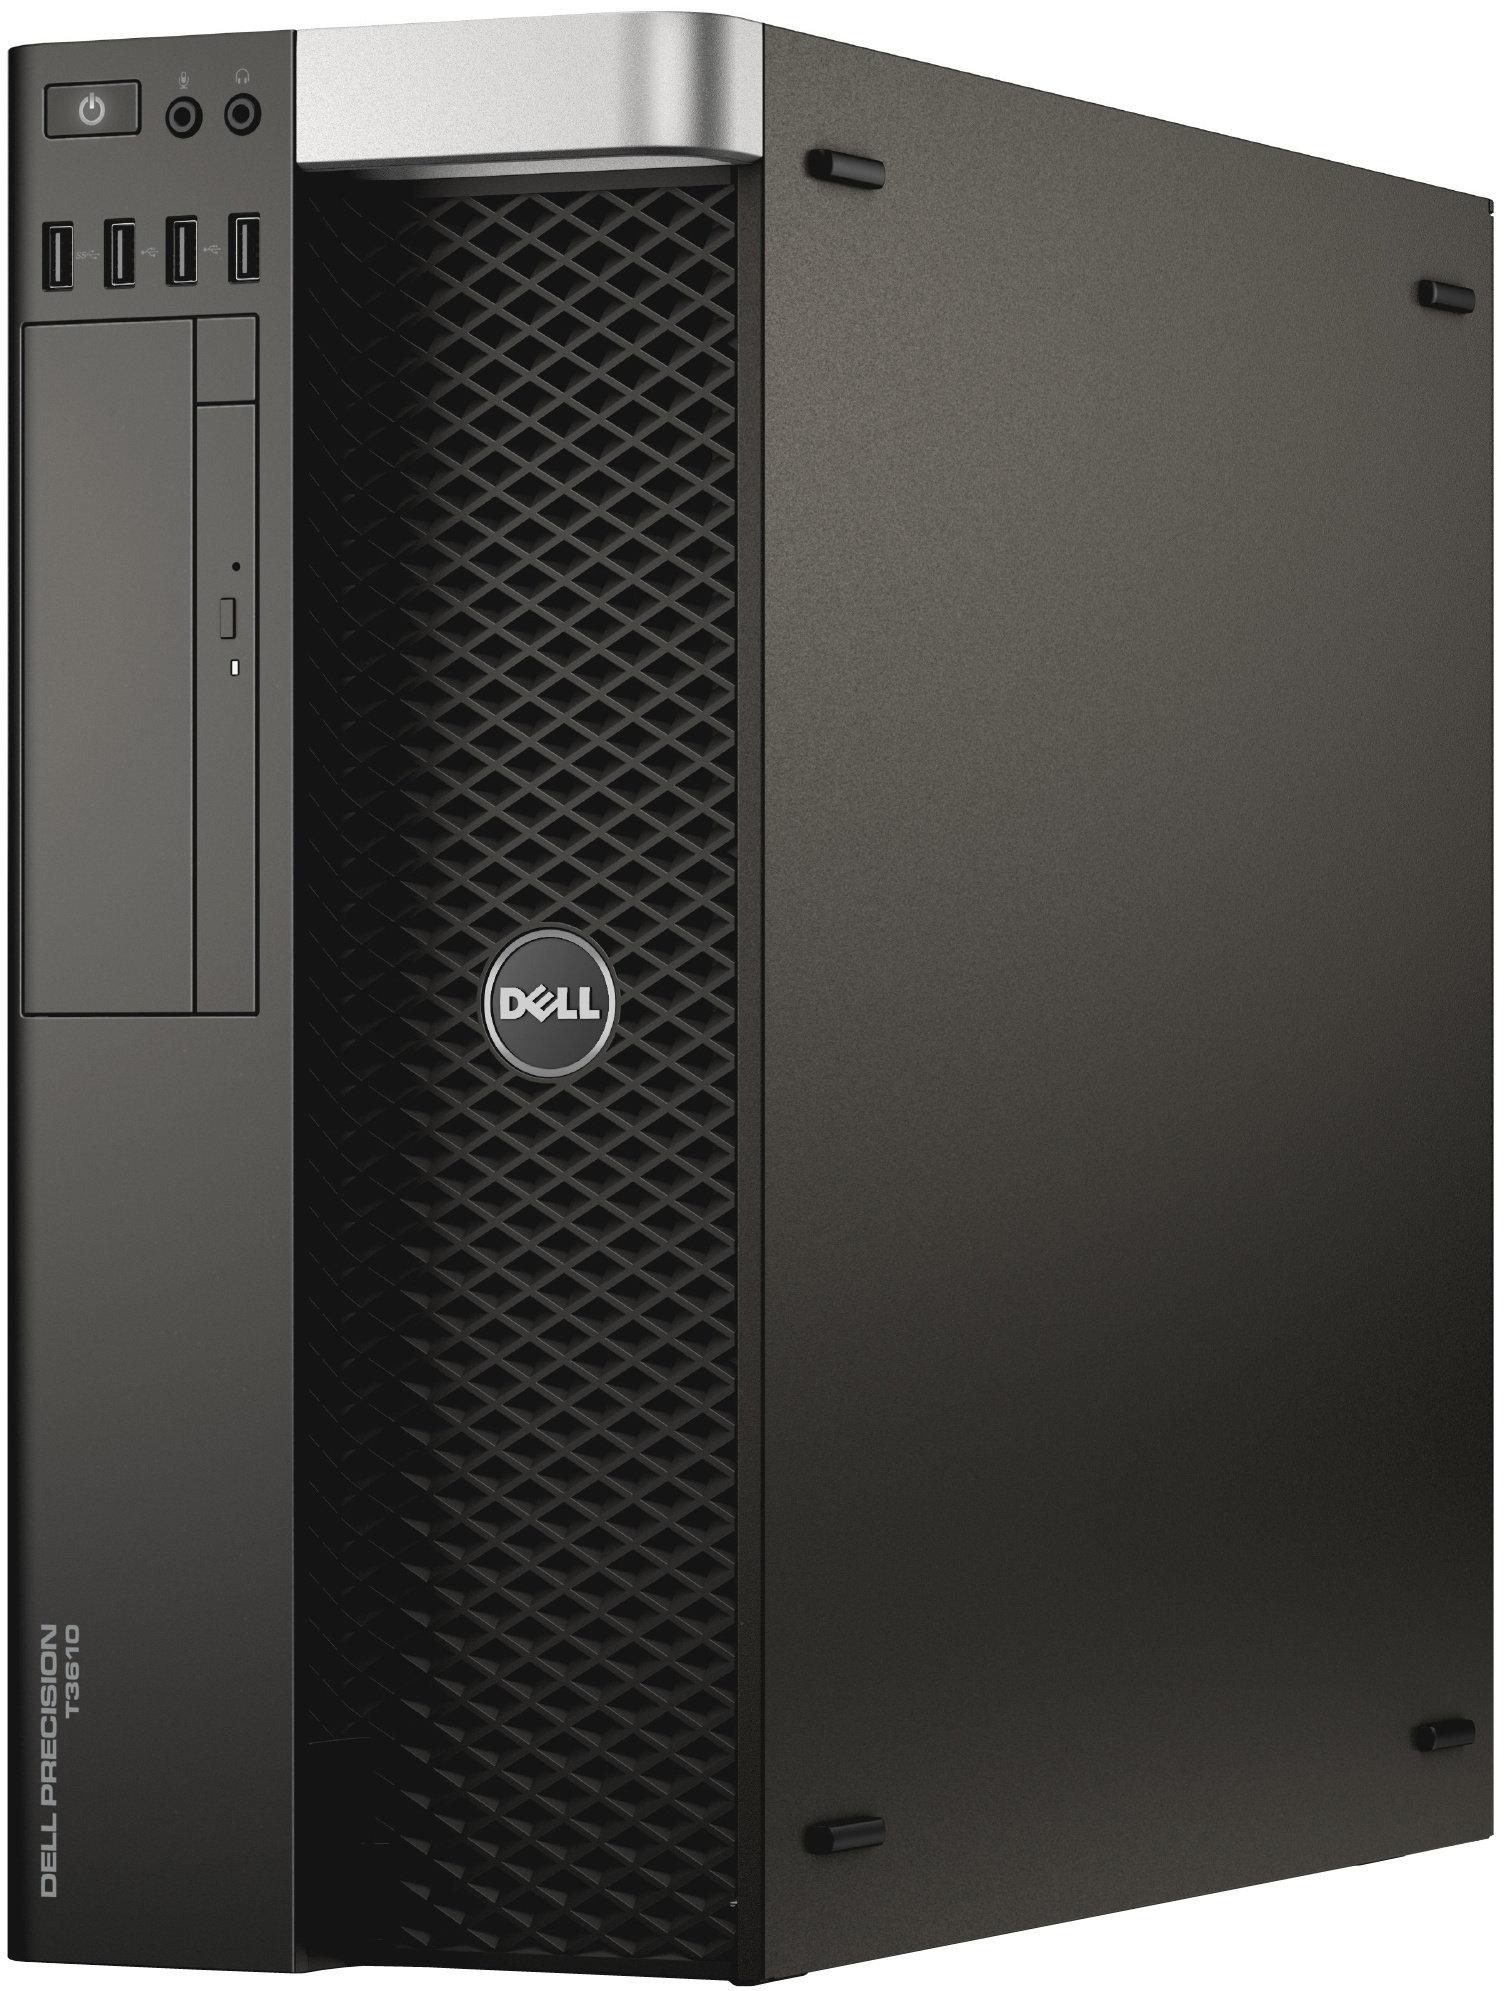 Dell Precision T3610 TW